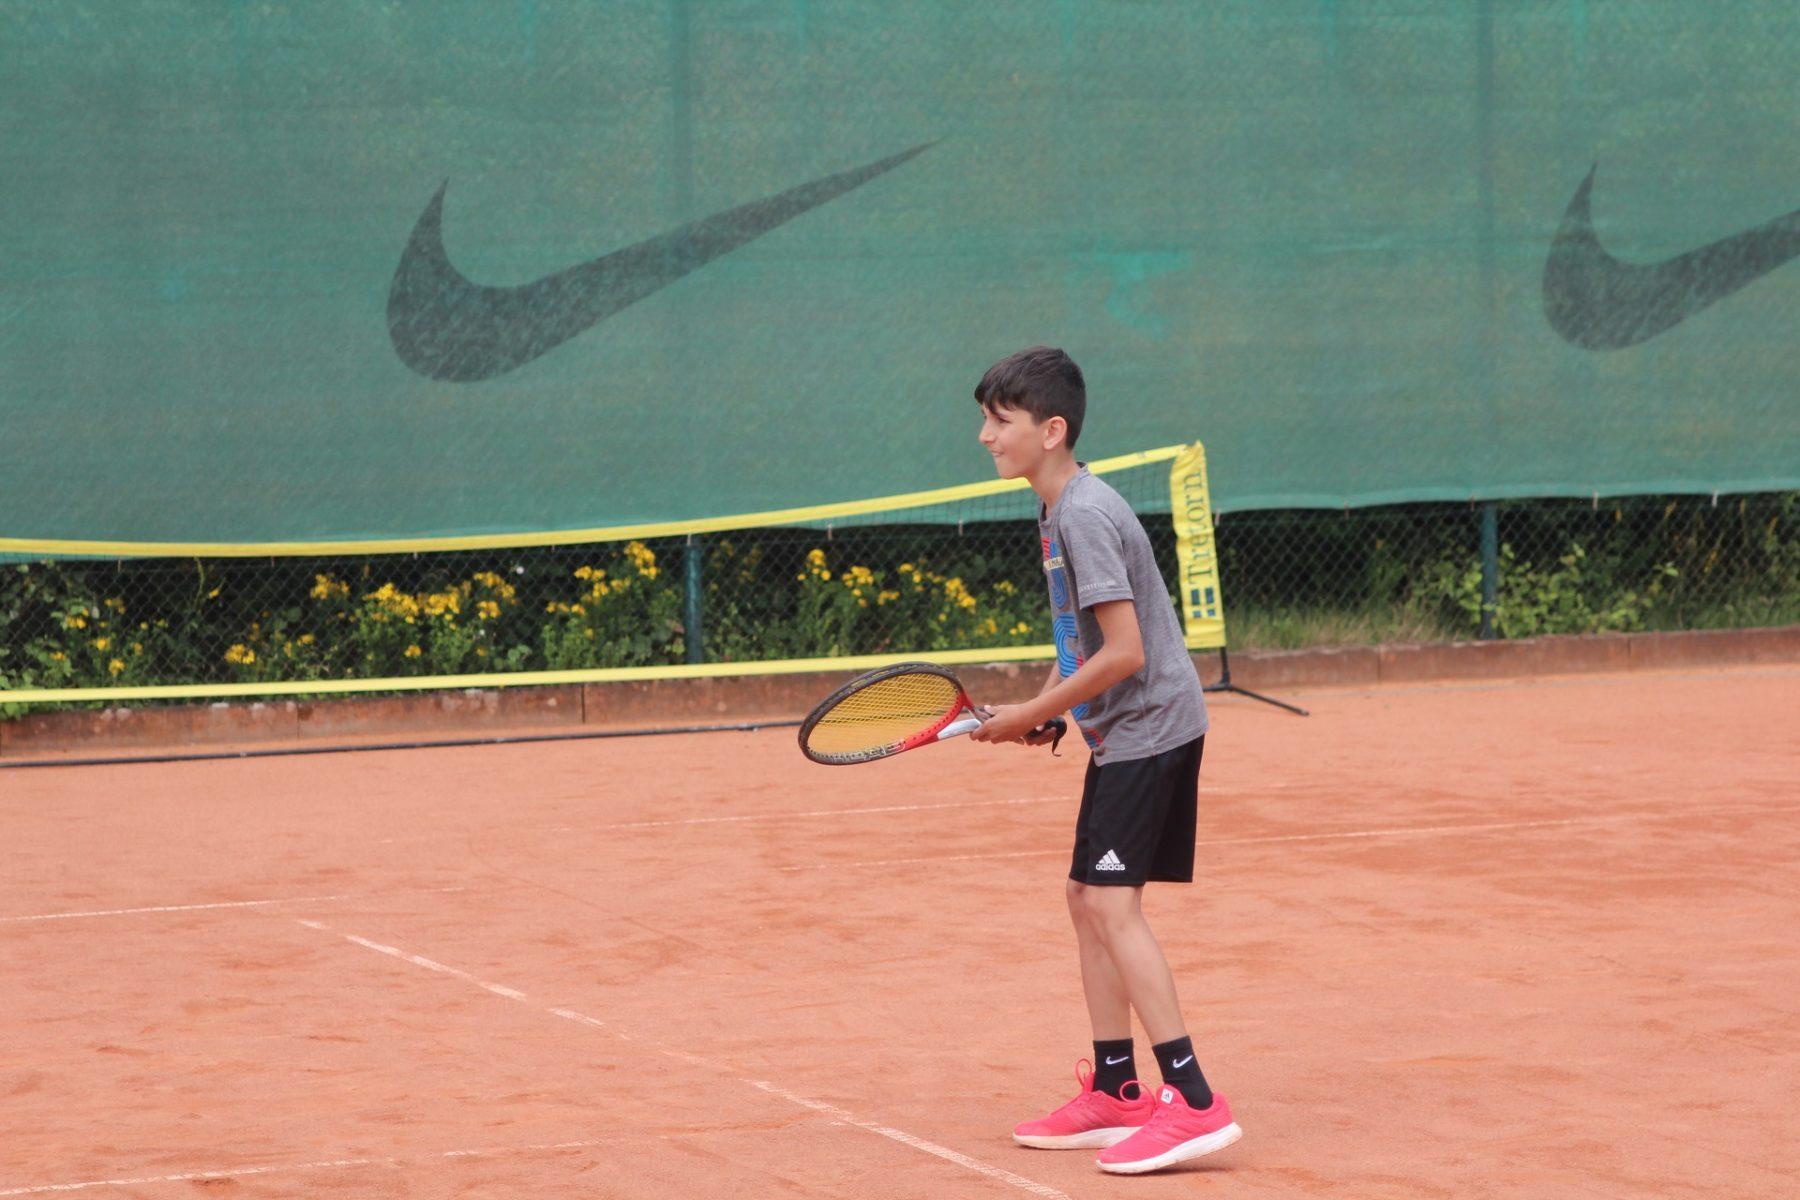 telekom-post-sv-tennisabteilung-feriencamp-2020-bild-7-klein